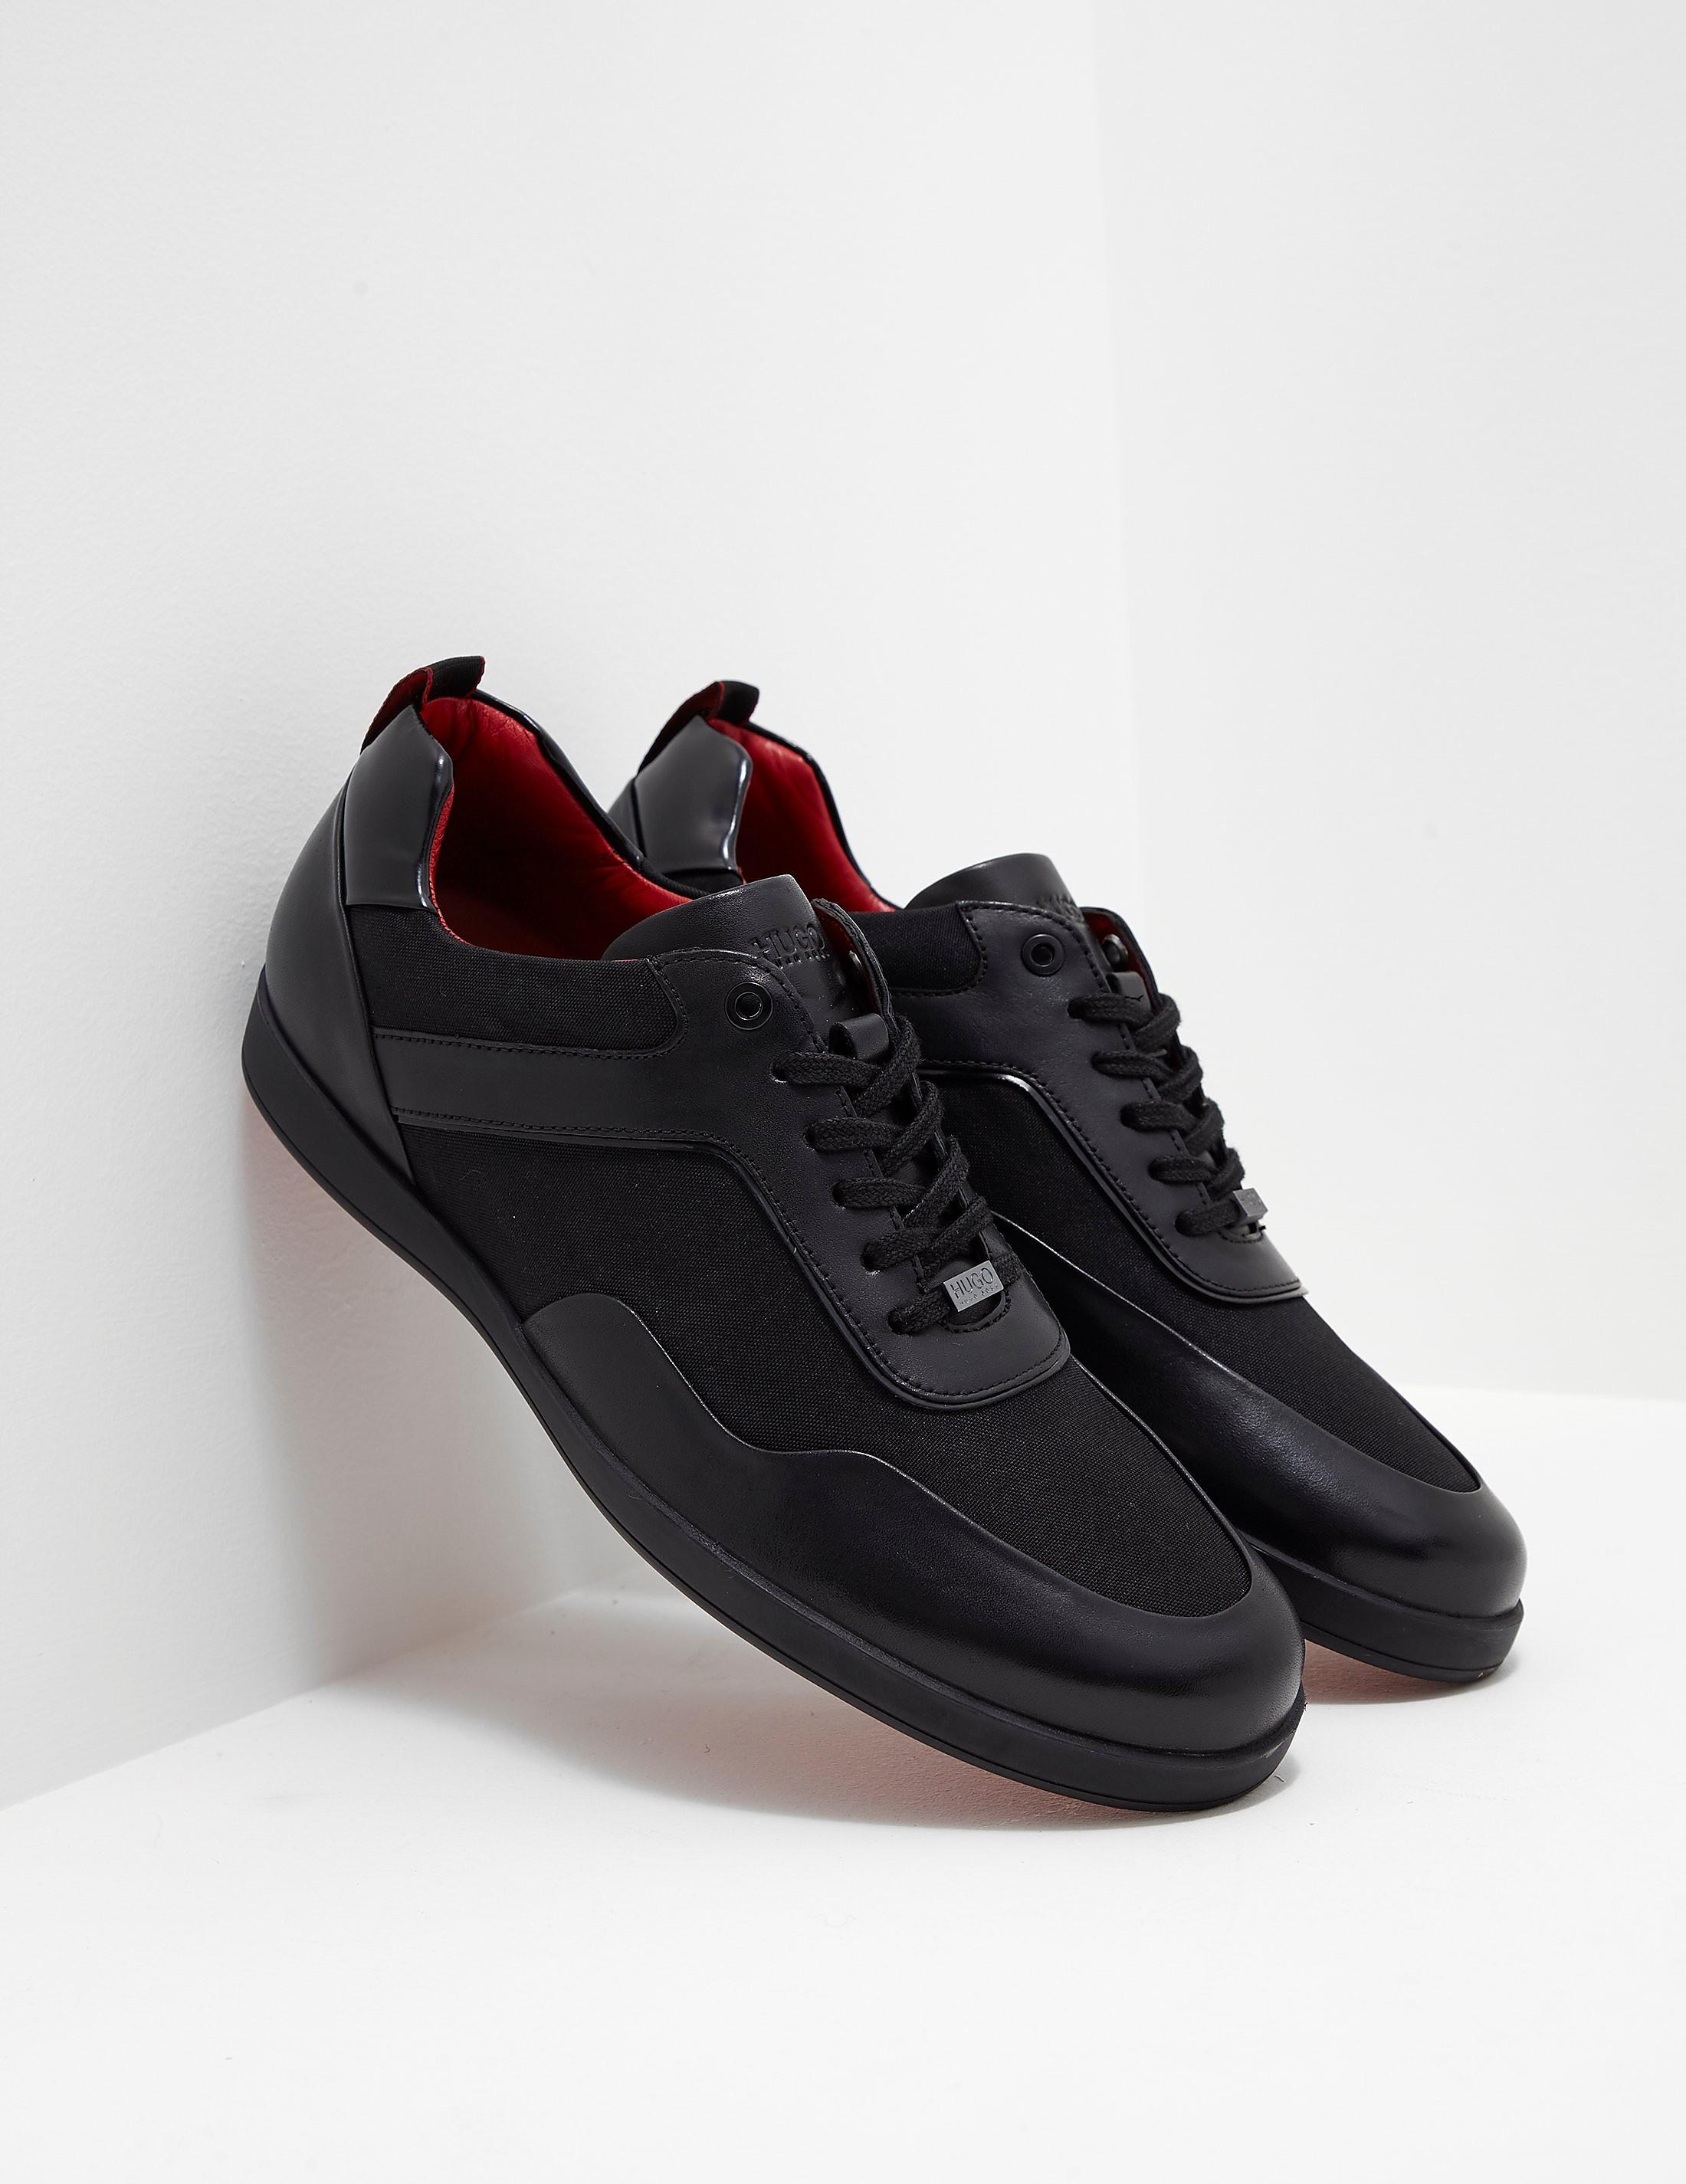 HUGO Flat City Sneaker - Online Exclusive